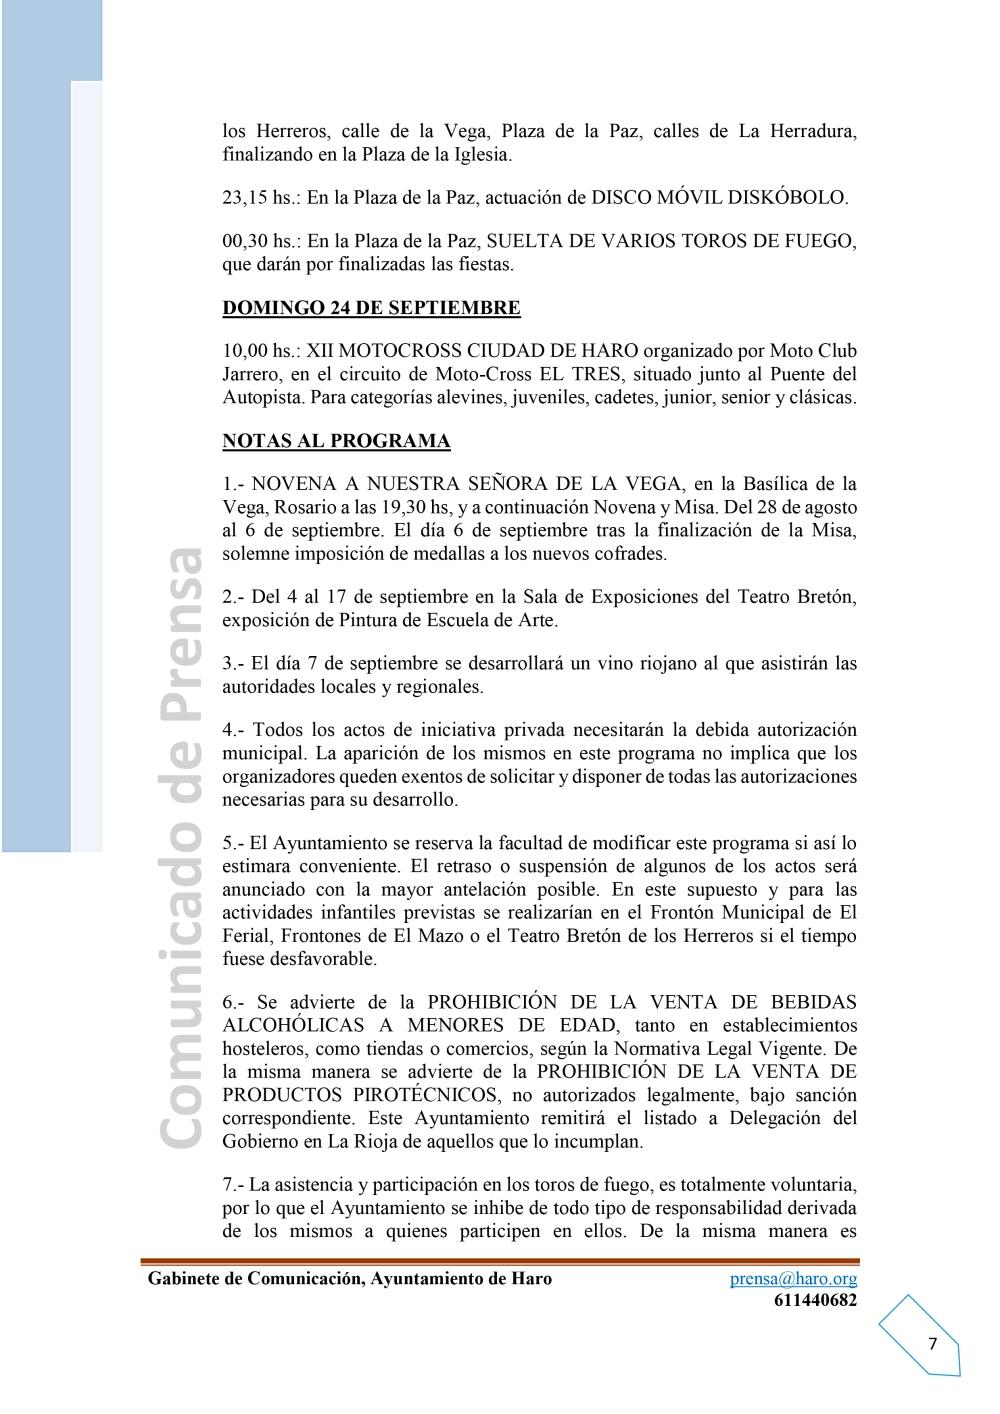 PROGRAMA-DE-FIESTAS-7